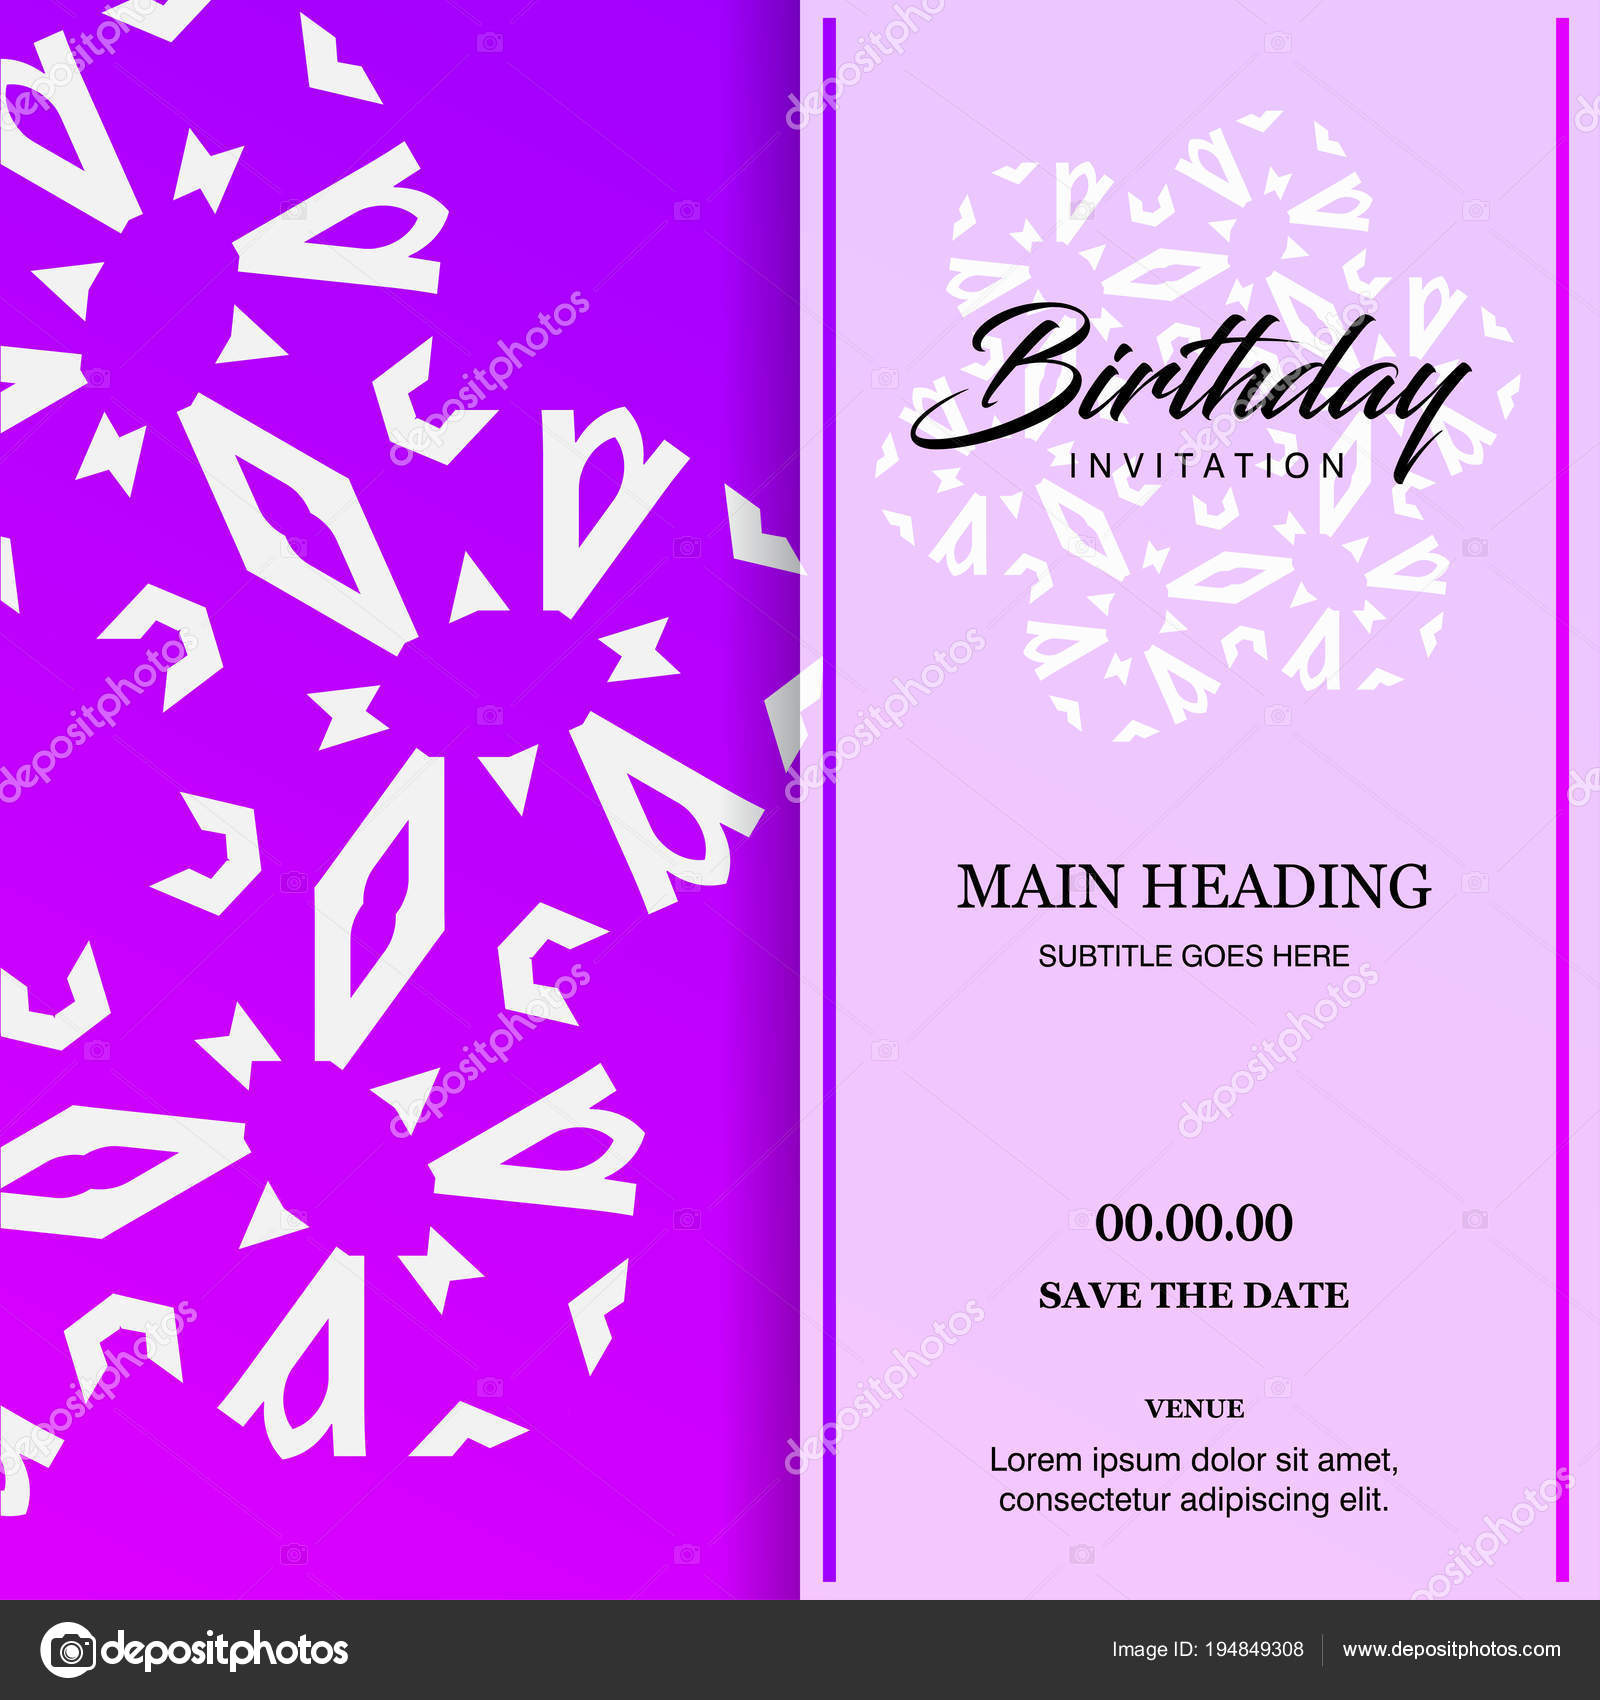 Diseño Tarjeta Invitación Cumpleaños Ilustración Vectorial